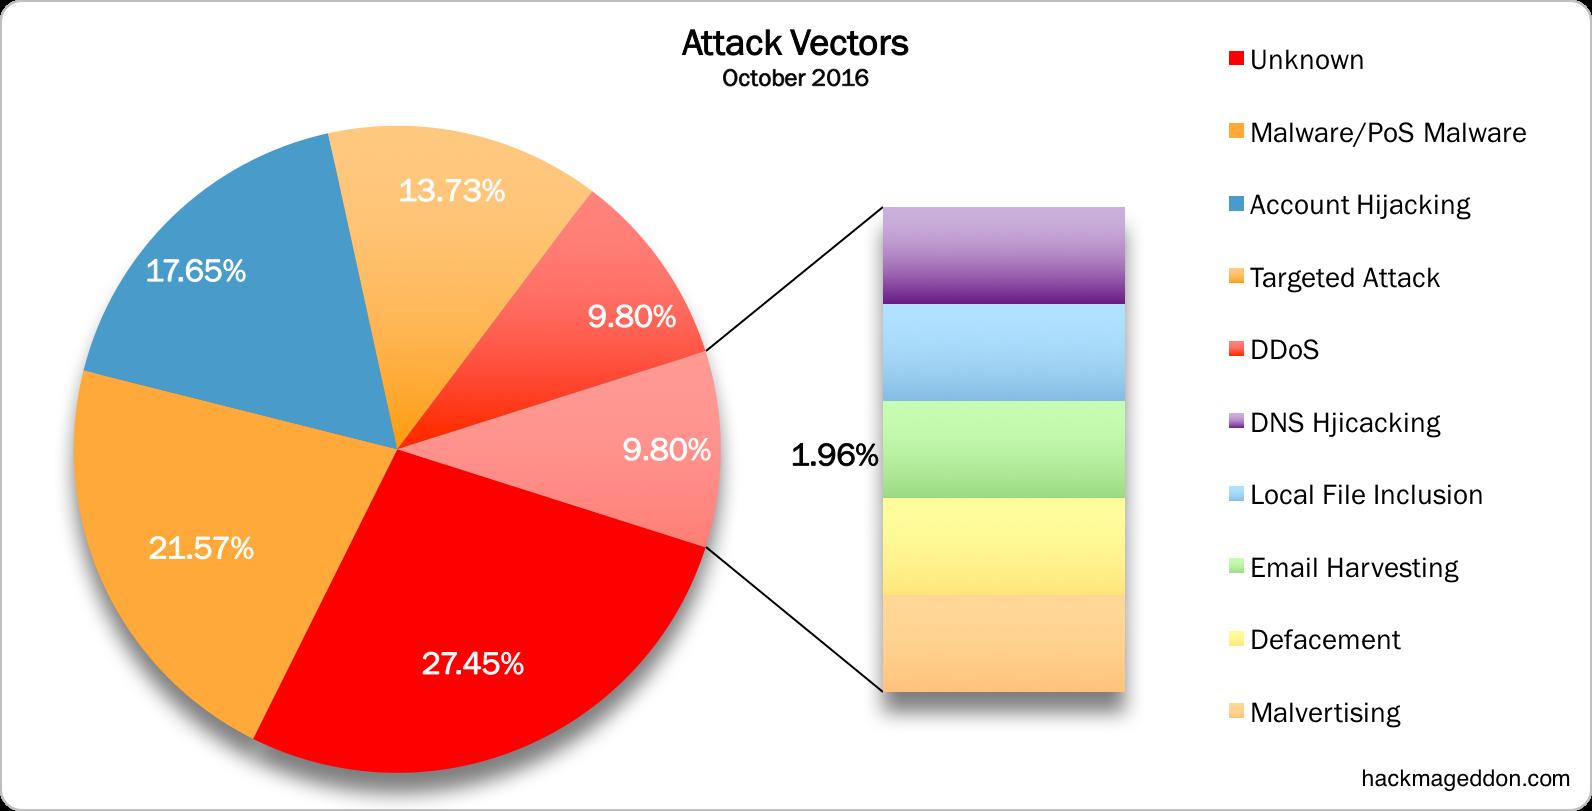 attack-vectors-october-2016